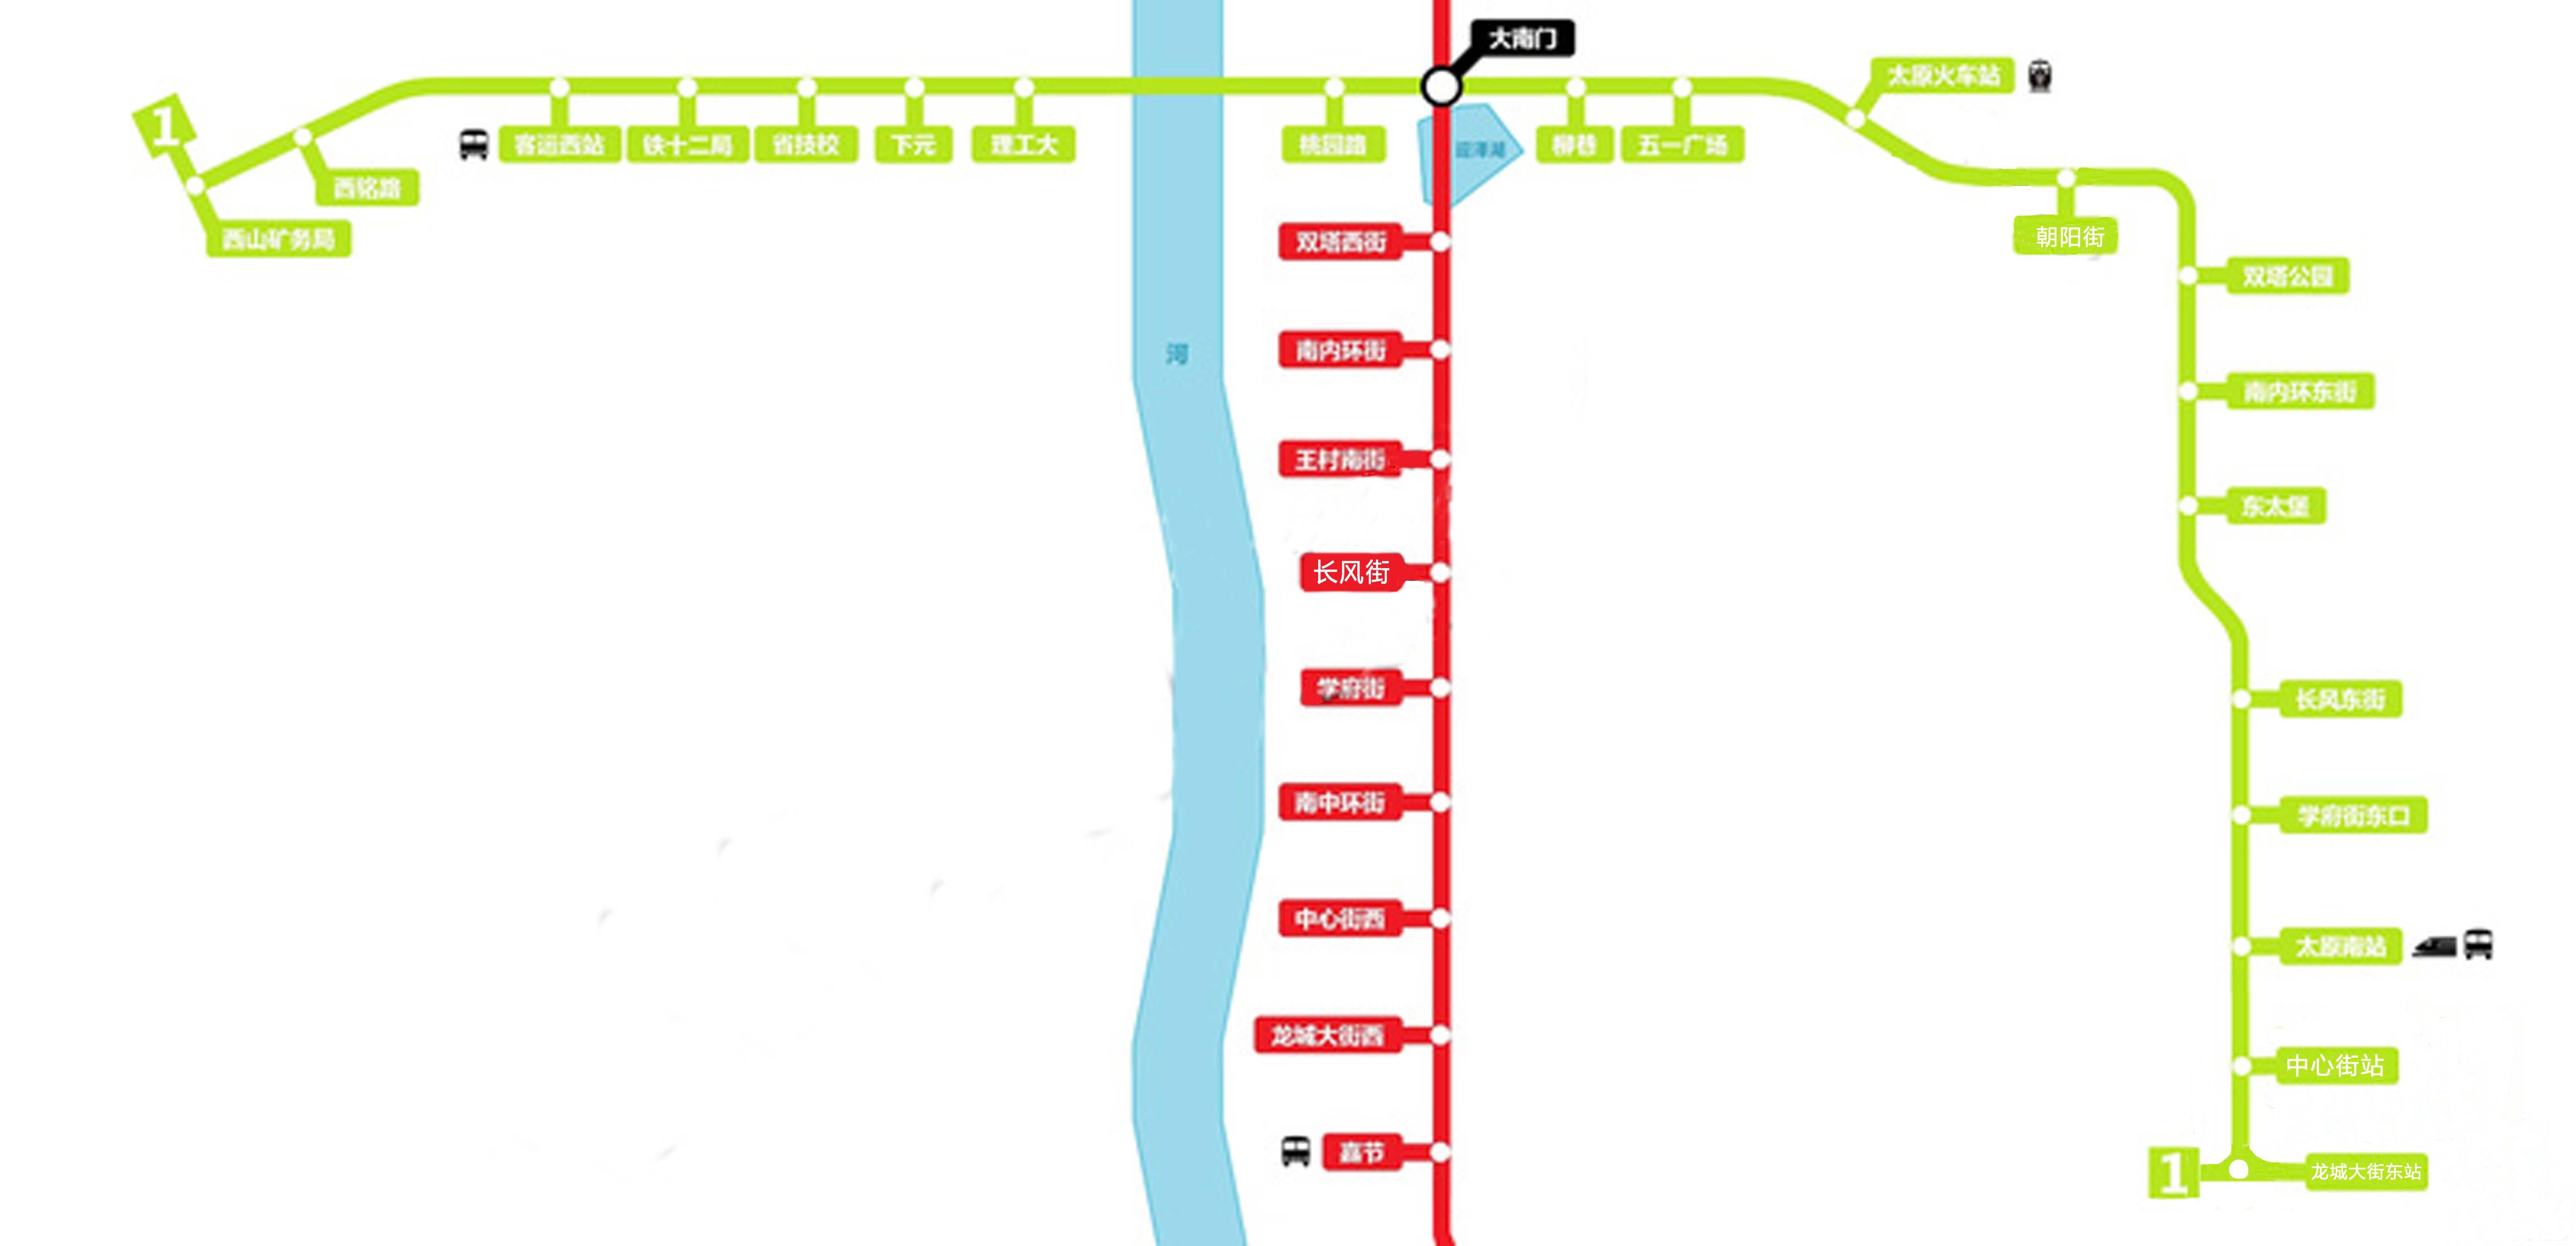 太原地铁一号线简介: 1号线全长32公里